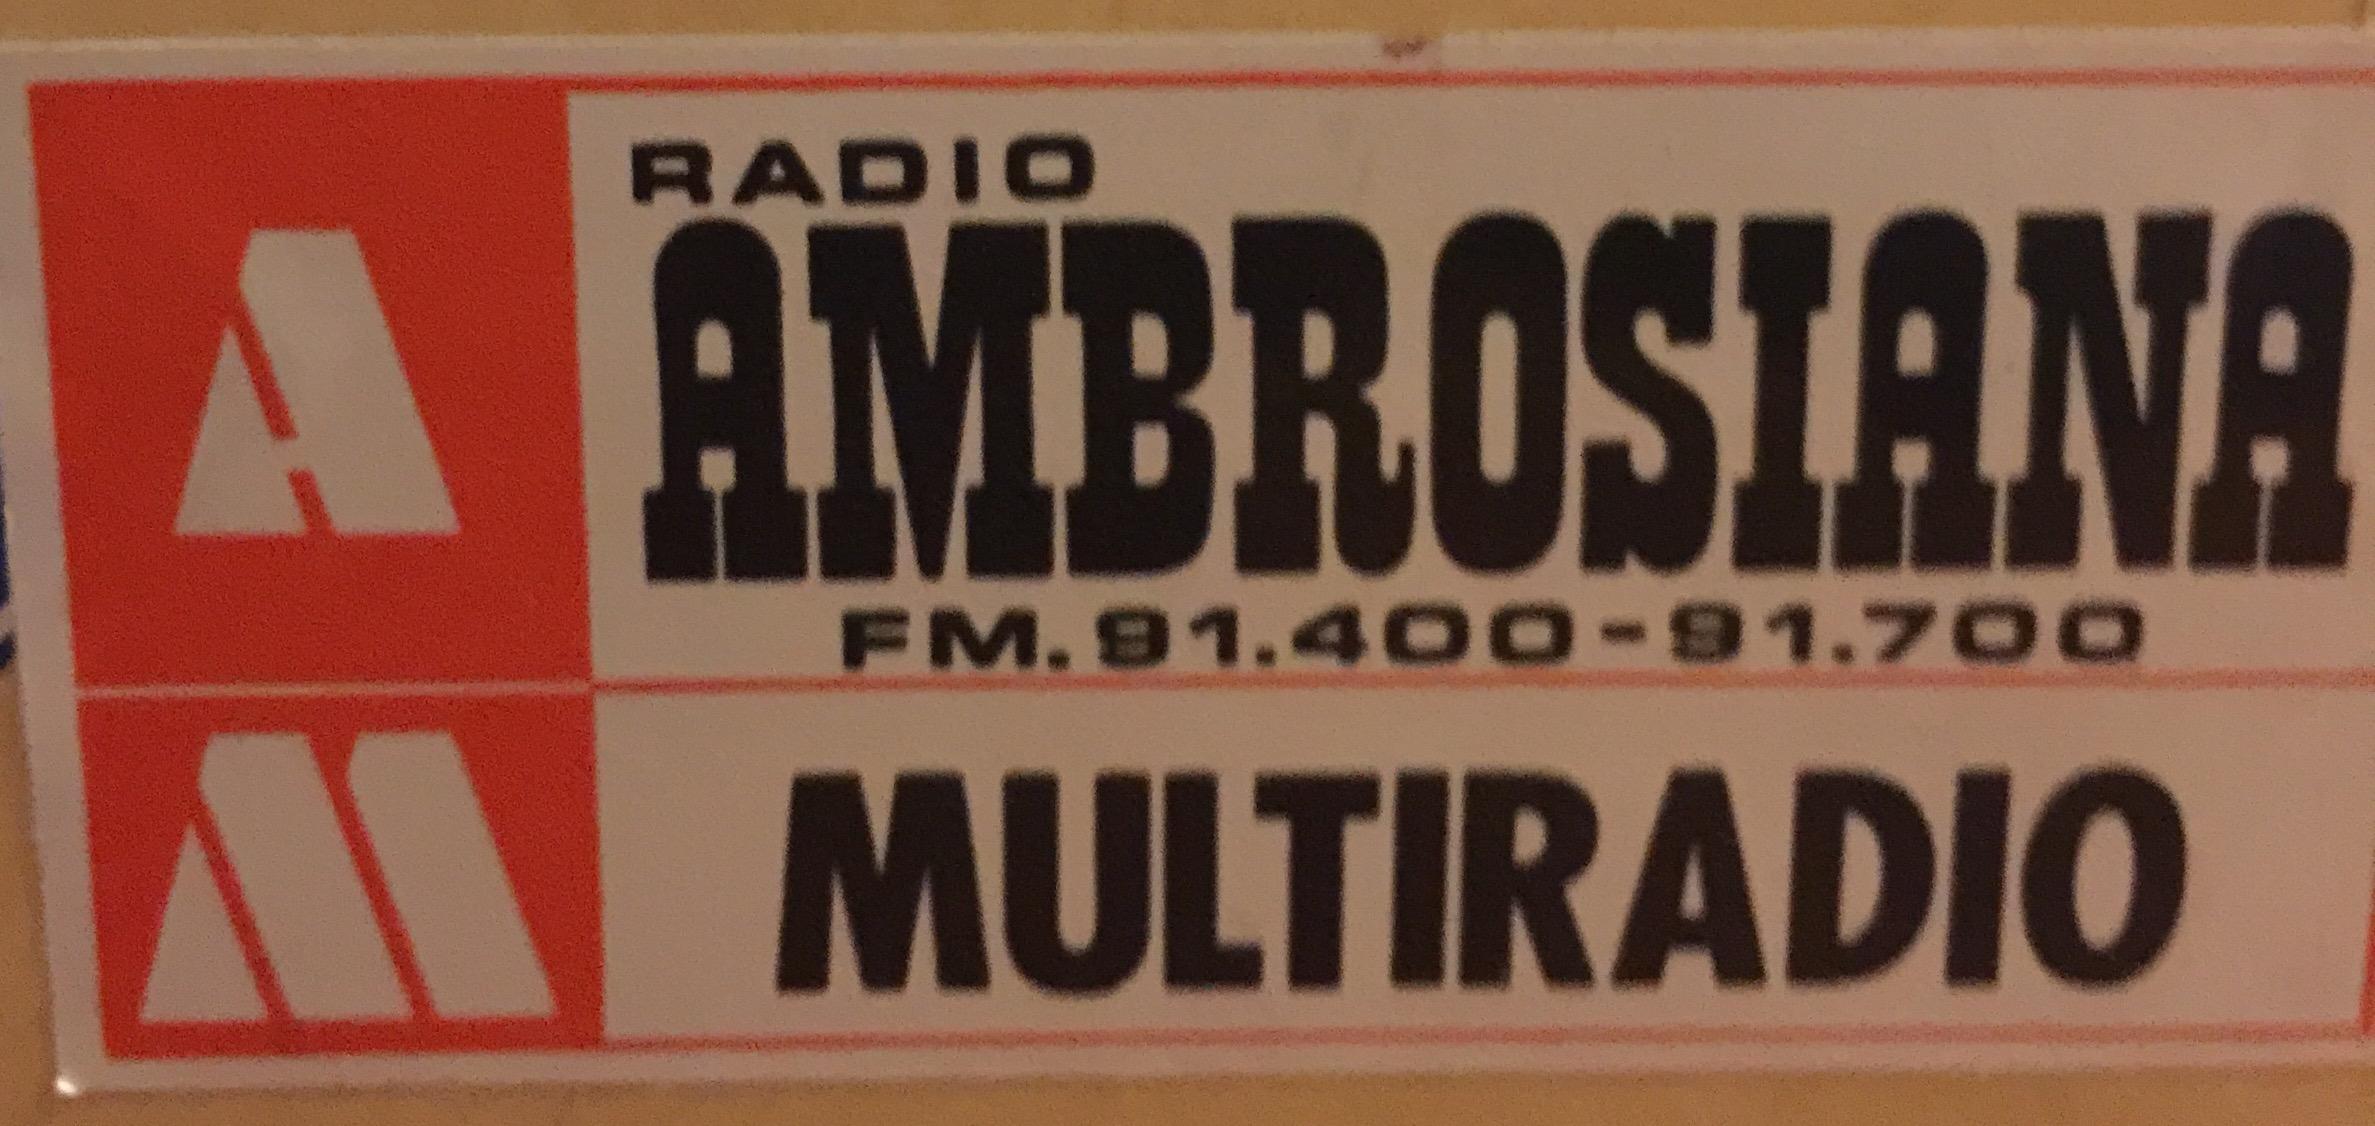 radio ambrosiana multiradio - Storia delle radiotelevisione italiana. 1980, Lombardia, Multiradio: prima rete interregionale interconnessa